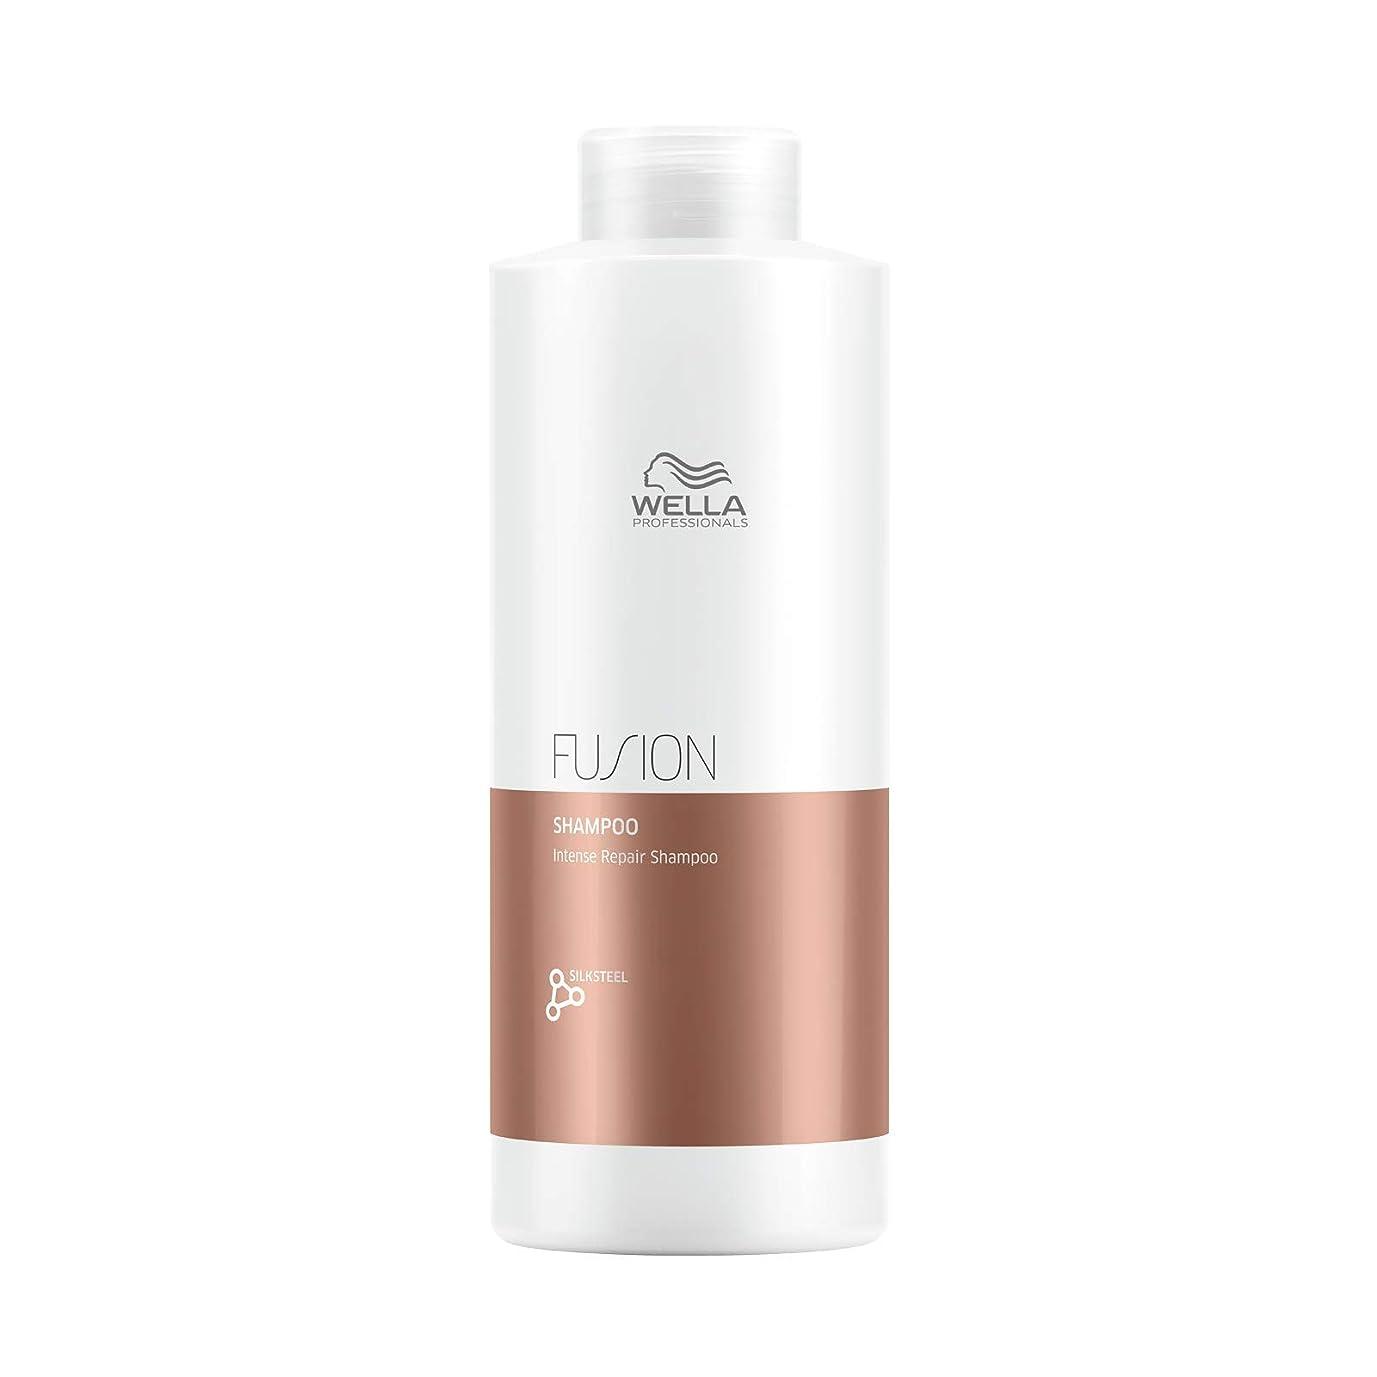 表現サンダル優先Wella FUSION PLEX Intense Repair Shampoo (with Sleek Steel Pin Tail Comb) (33.8 oz / 1000 ml - Liter) 141[並行輸入]